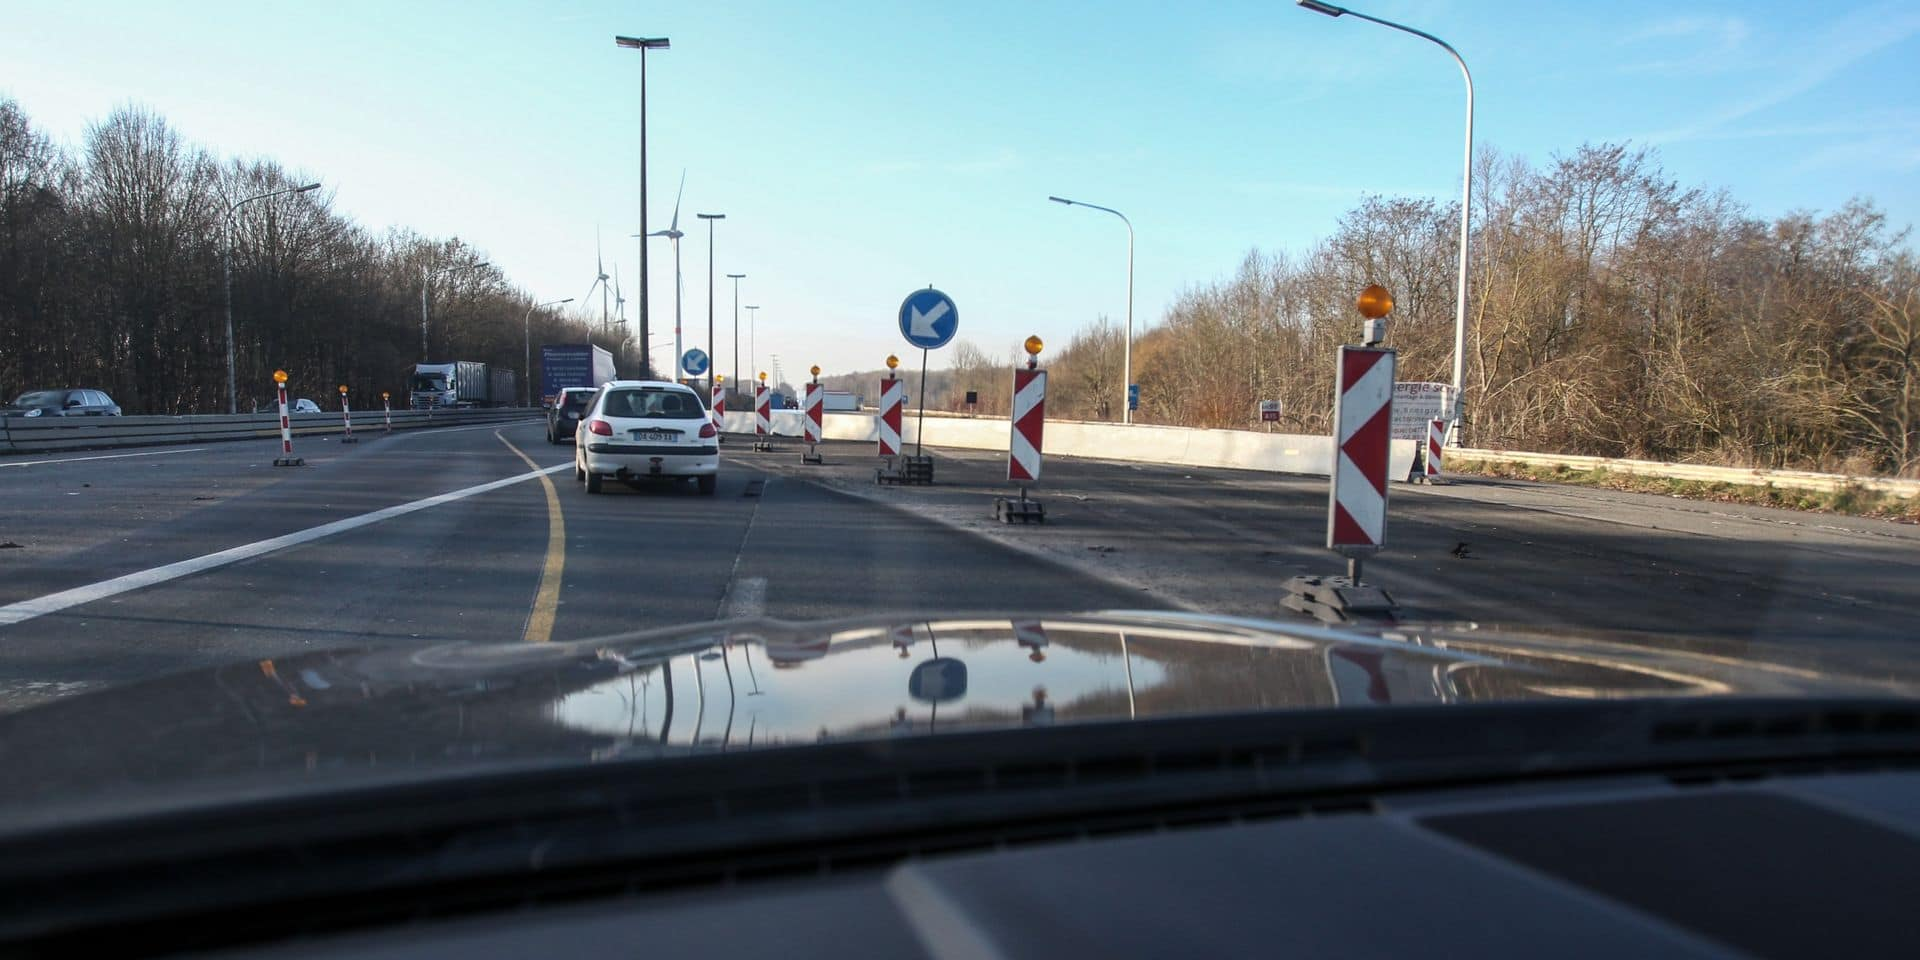 Travaux sur la E42/A15 entre Gouy et Manage vers Mons